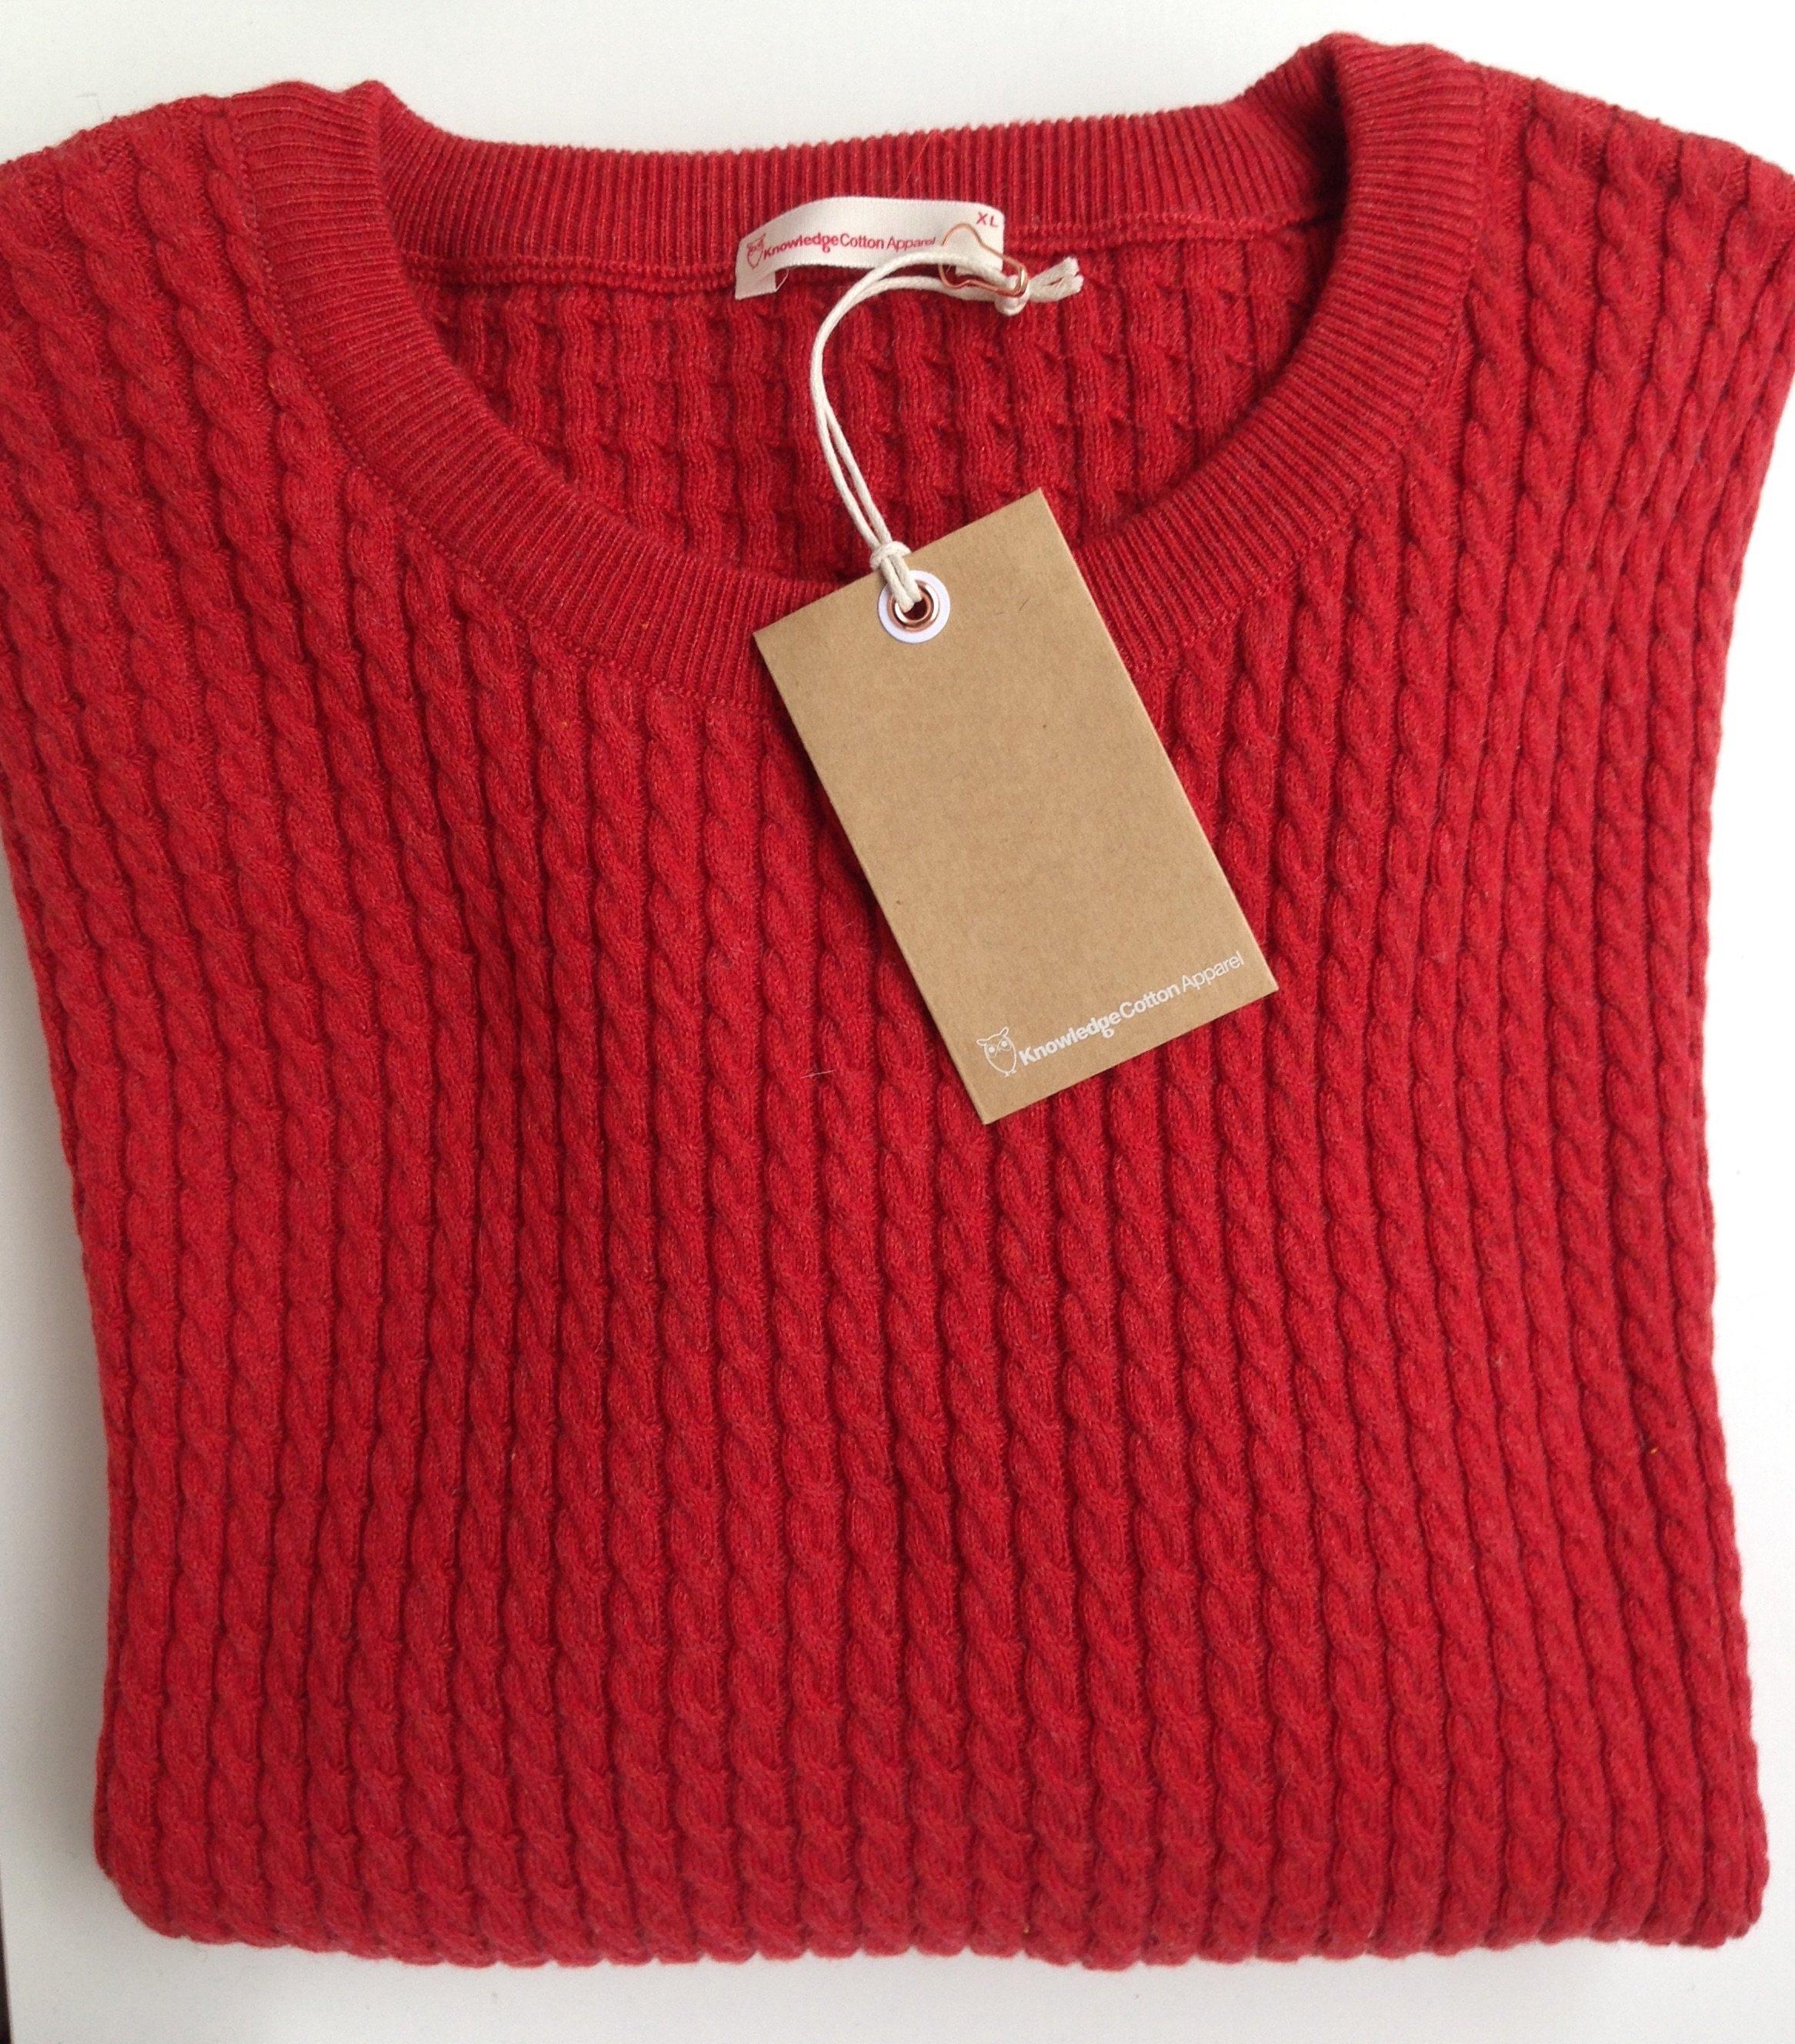 Organiccotton/Cashmere Cable Knit -GOTS, Str. X-Large ( Før 899 kr)